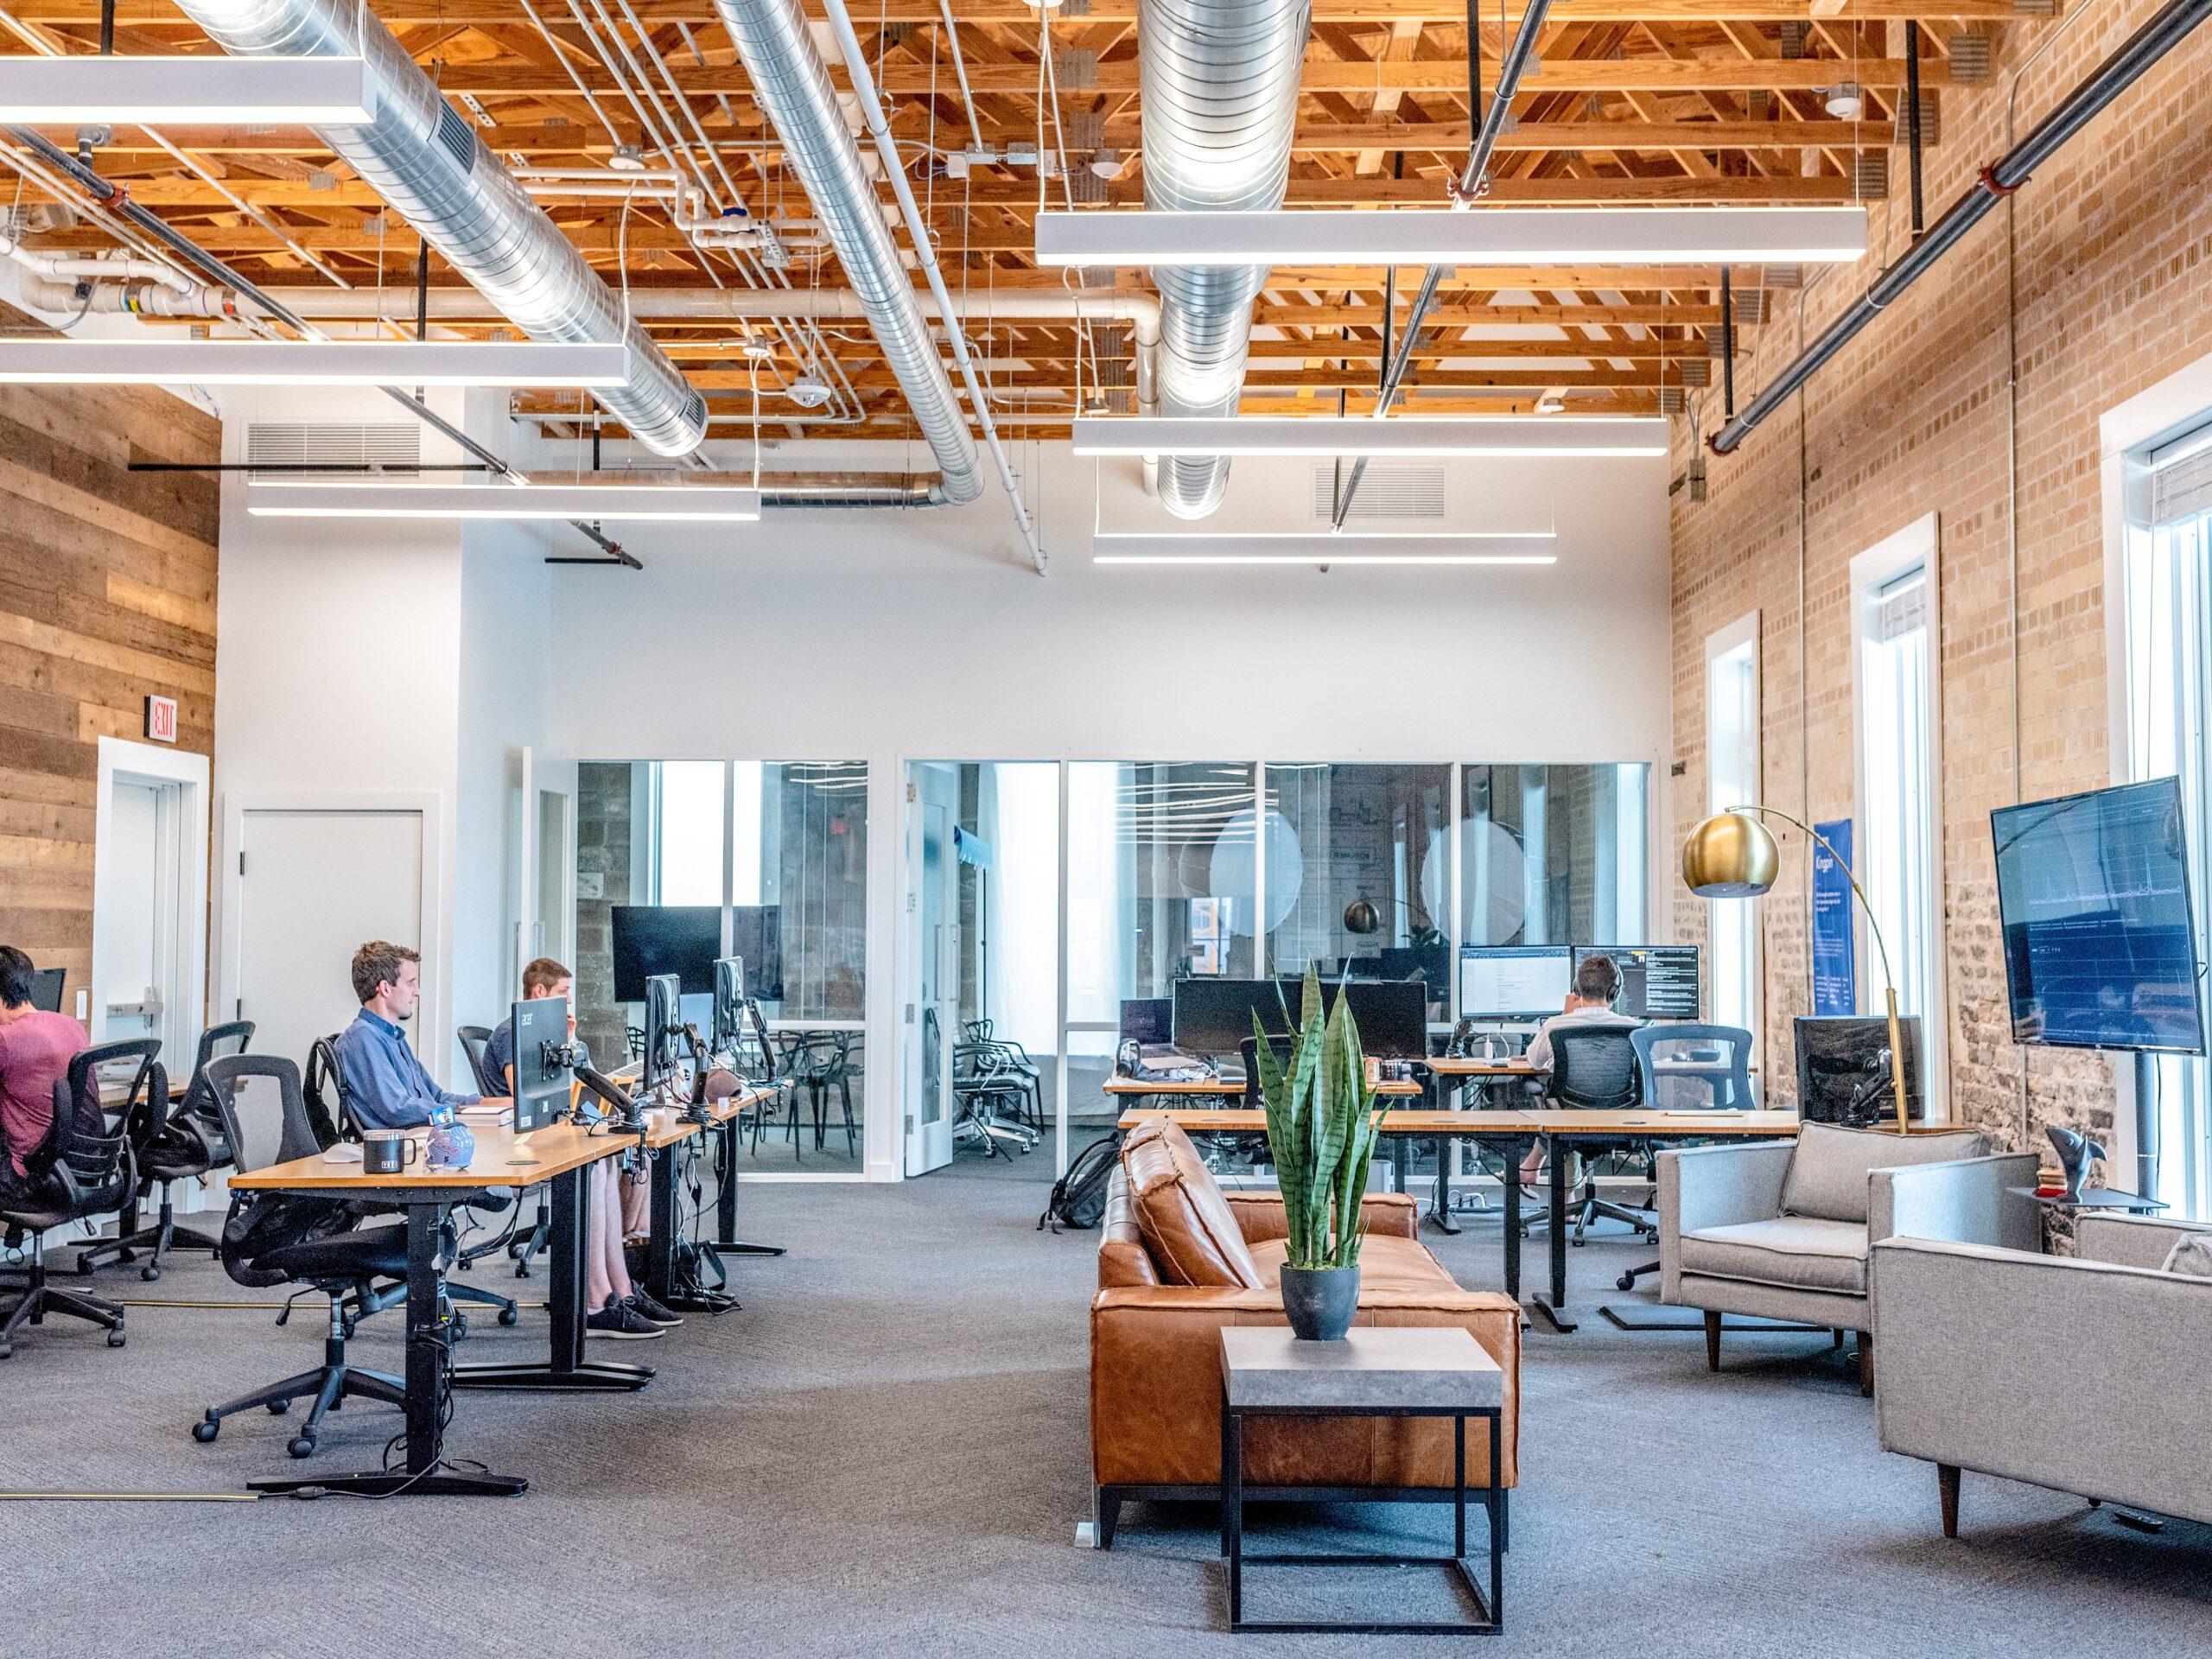 オフィスを新設するときは、コンセプトをしっかり決めてからデザインすること